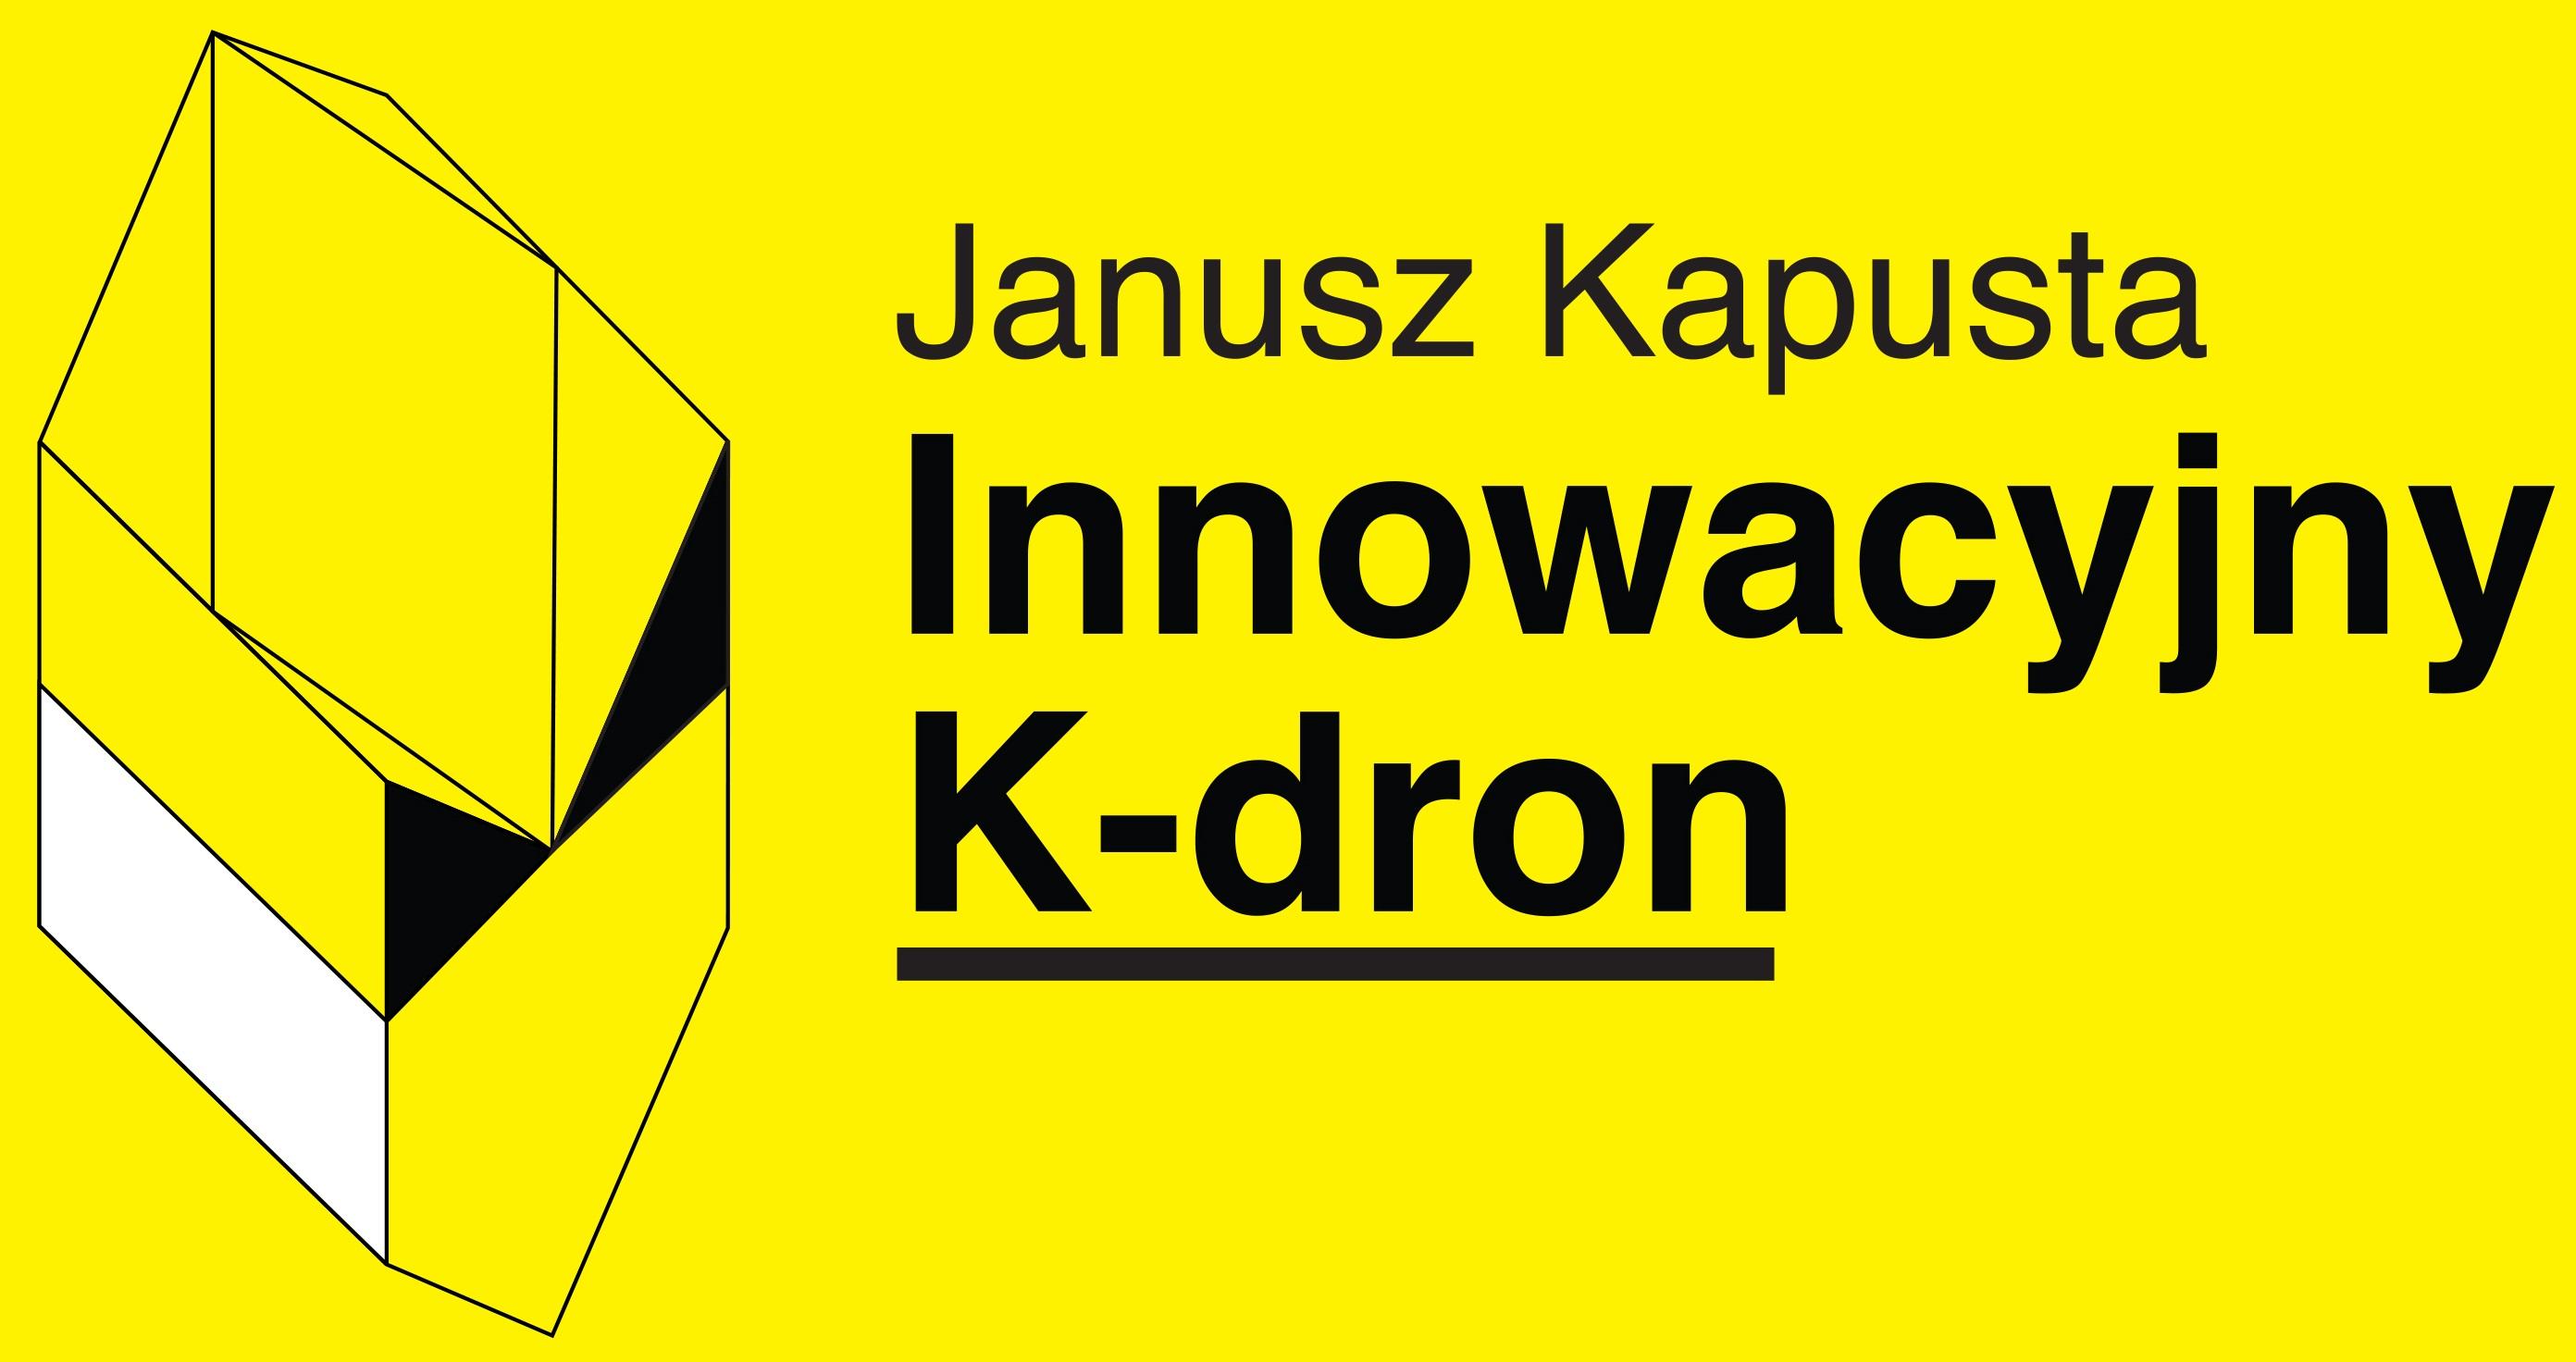 Dwa spotkania z Januszem Kapustą. Opowieść o K-Dronie